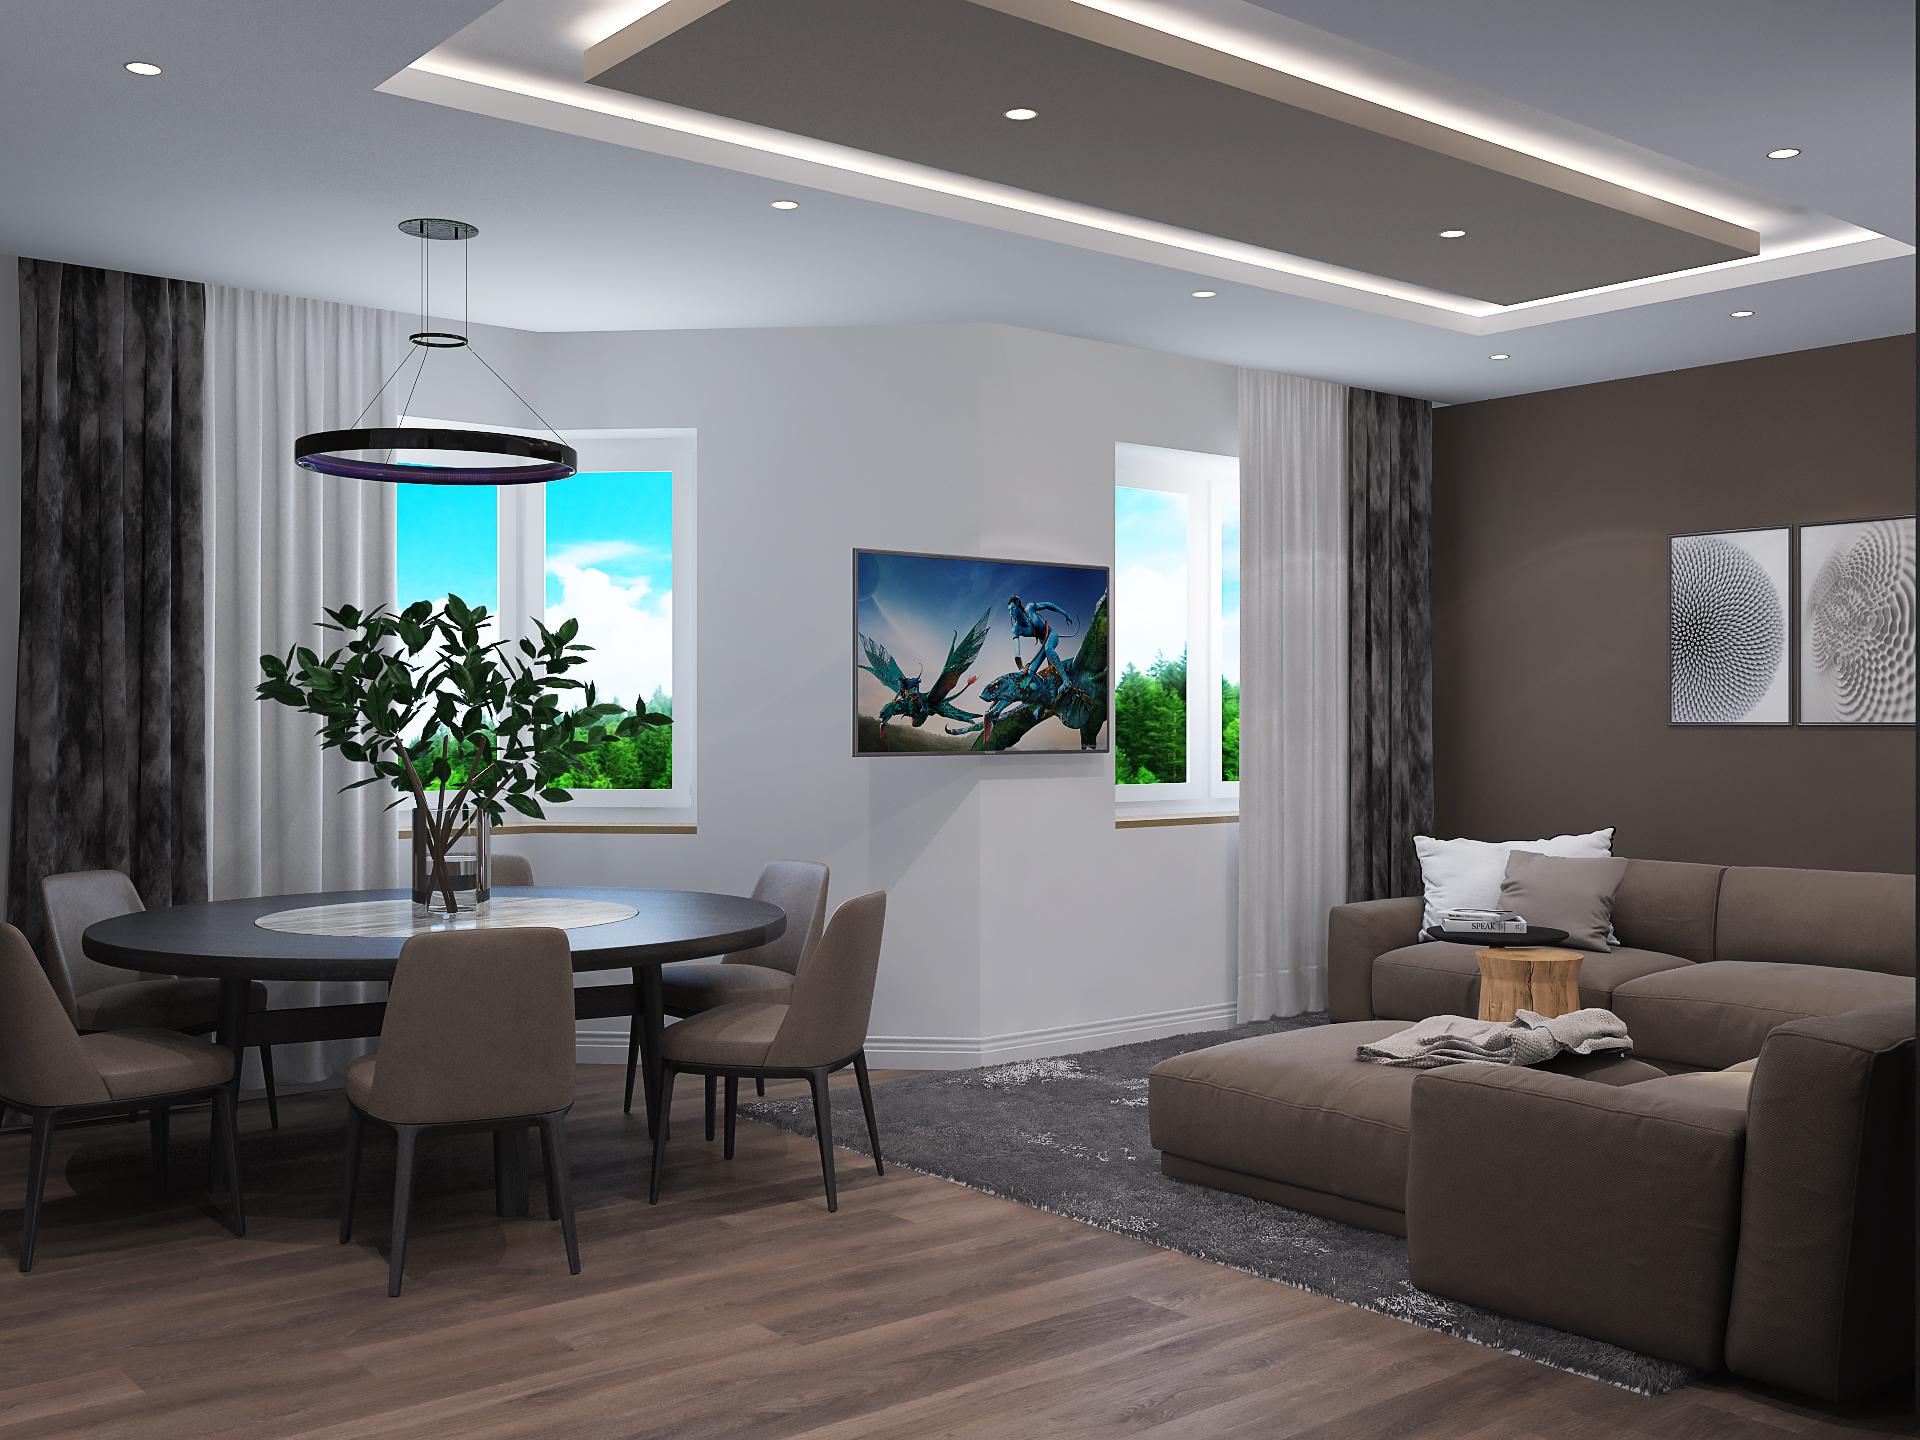 Объединение + планировка квартиры (~260 кв.м.) фото f_7985a56438a0d99f.jpg